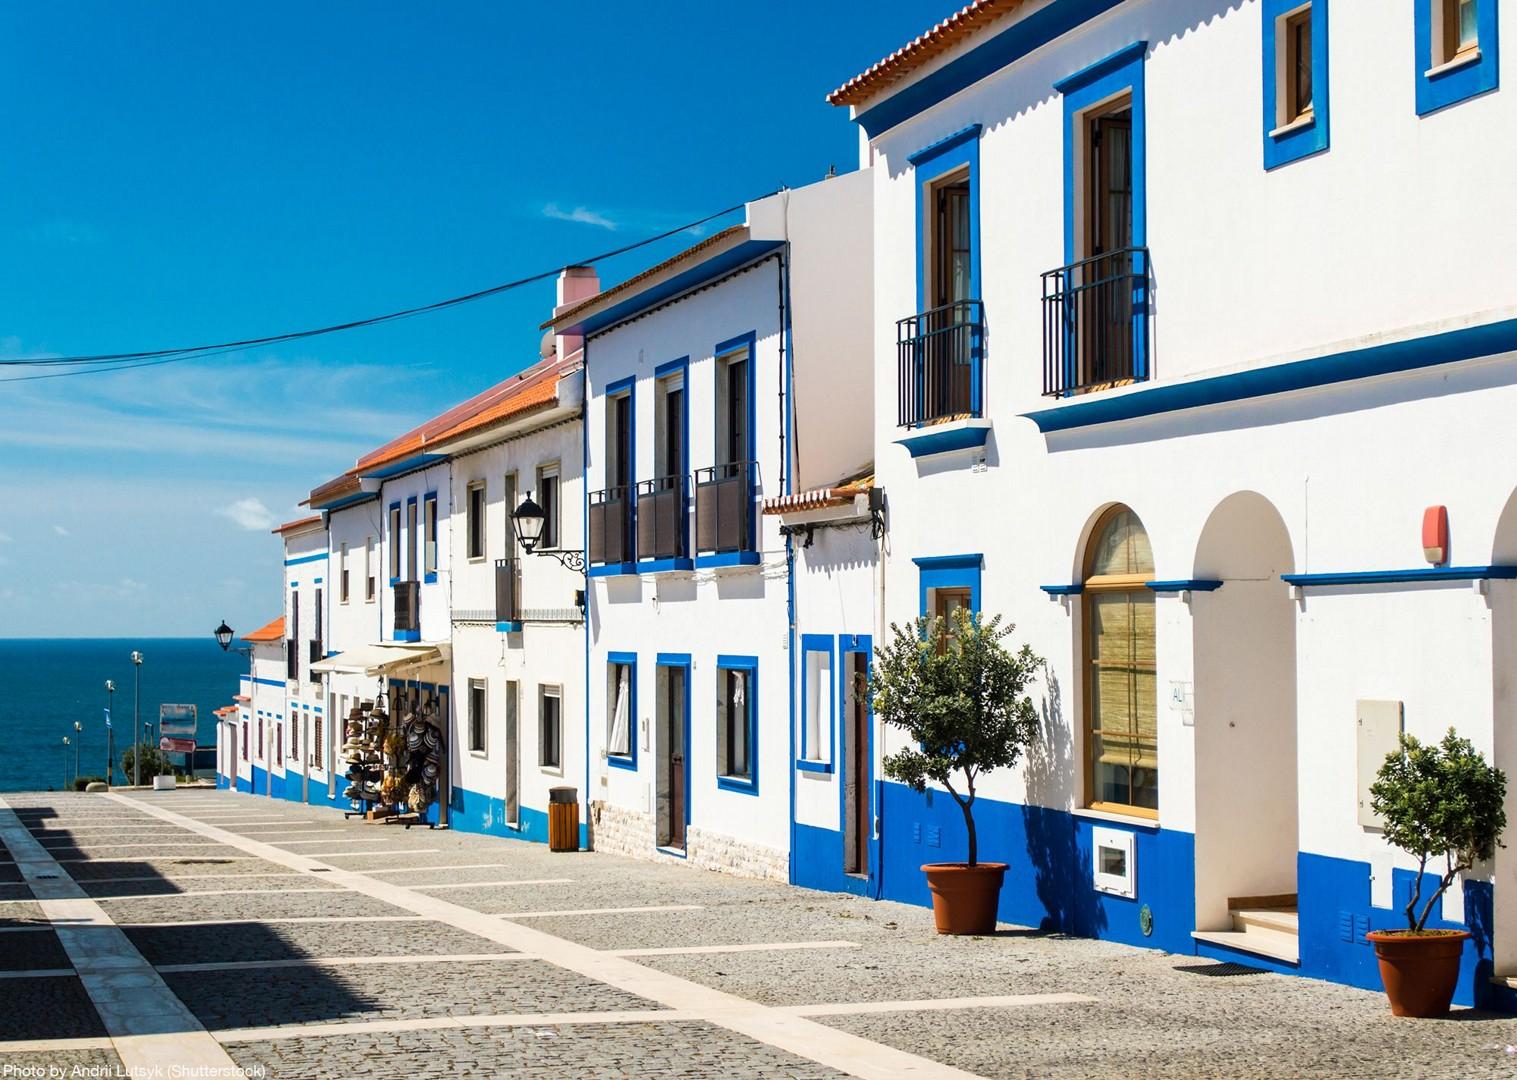 alentejo-and-algarve-coastal-explorer-cycling-holiday-leisure.jpg - Portugal - Alentejo and Algarve Coastal Explorer - Self-Guided Leisure Cycling Holiday - Leisure Cycling